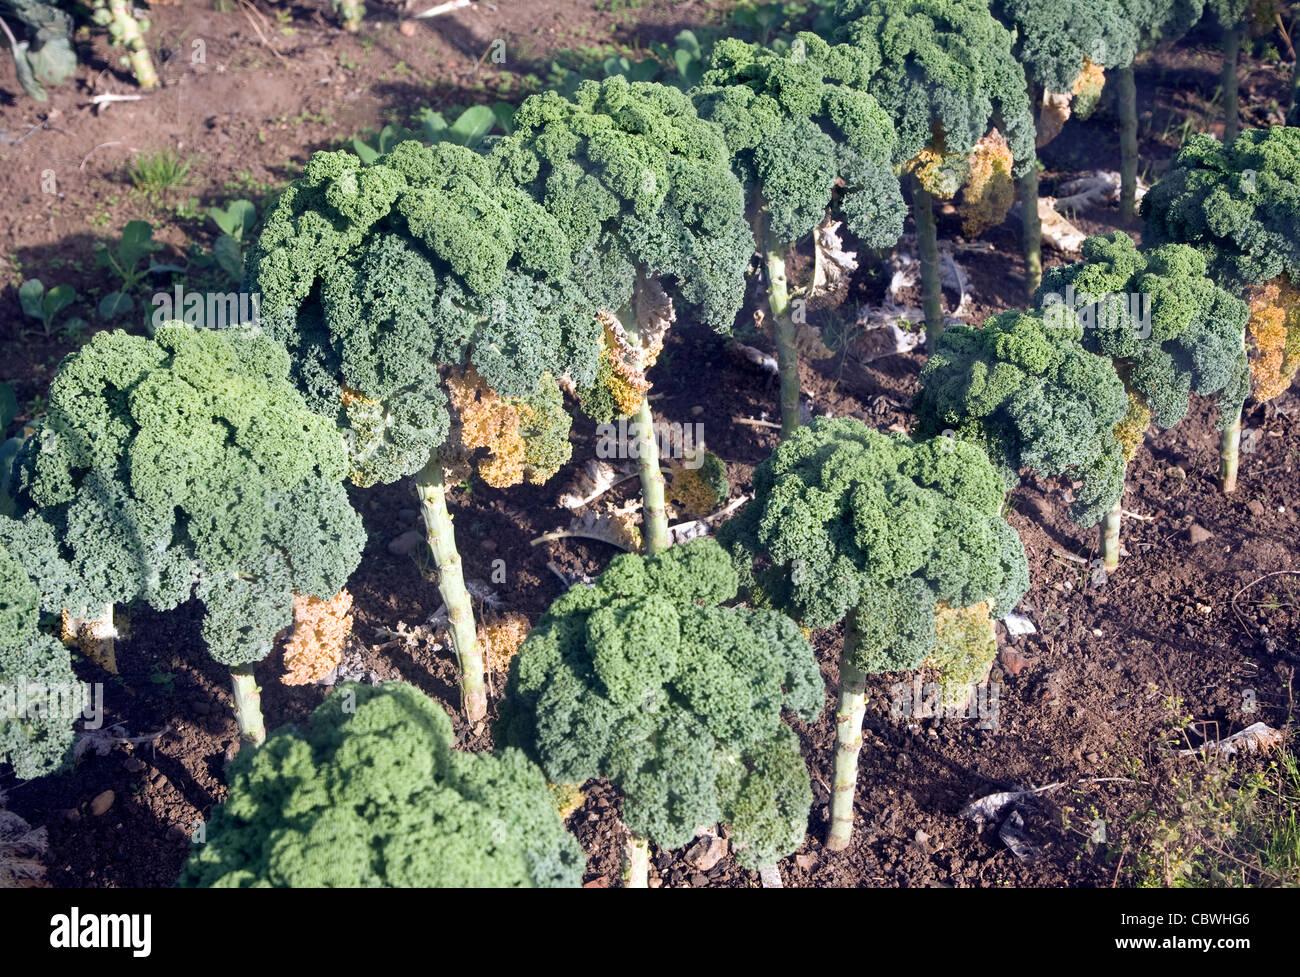 Grünkohl Brokkoli Pflanzen Gemüse Garten Stockfoto, Bild